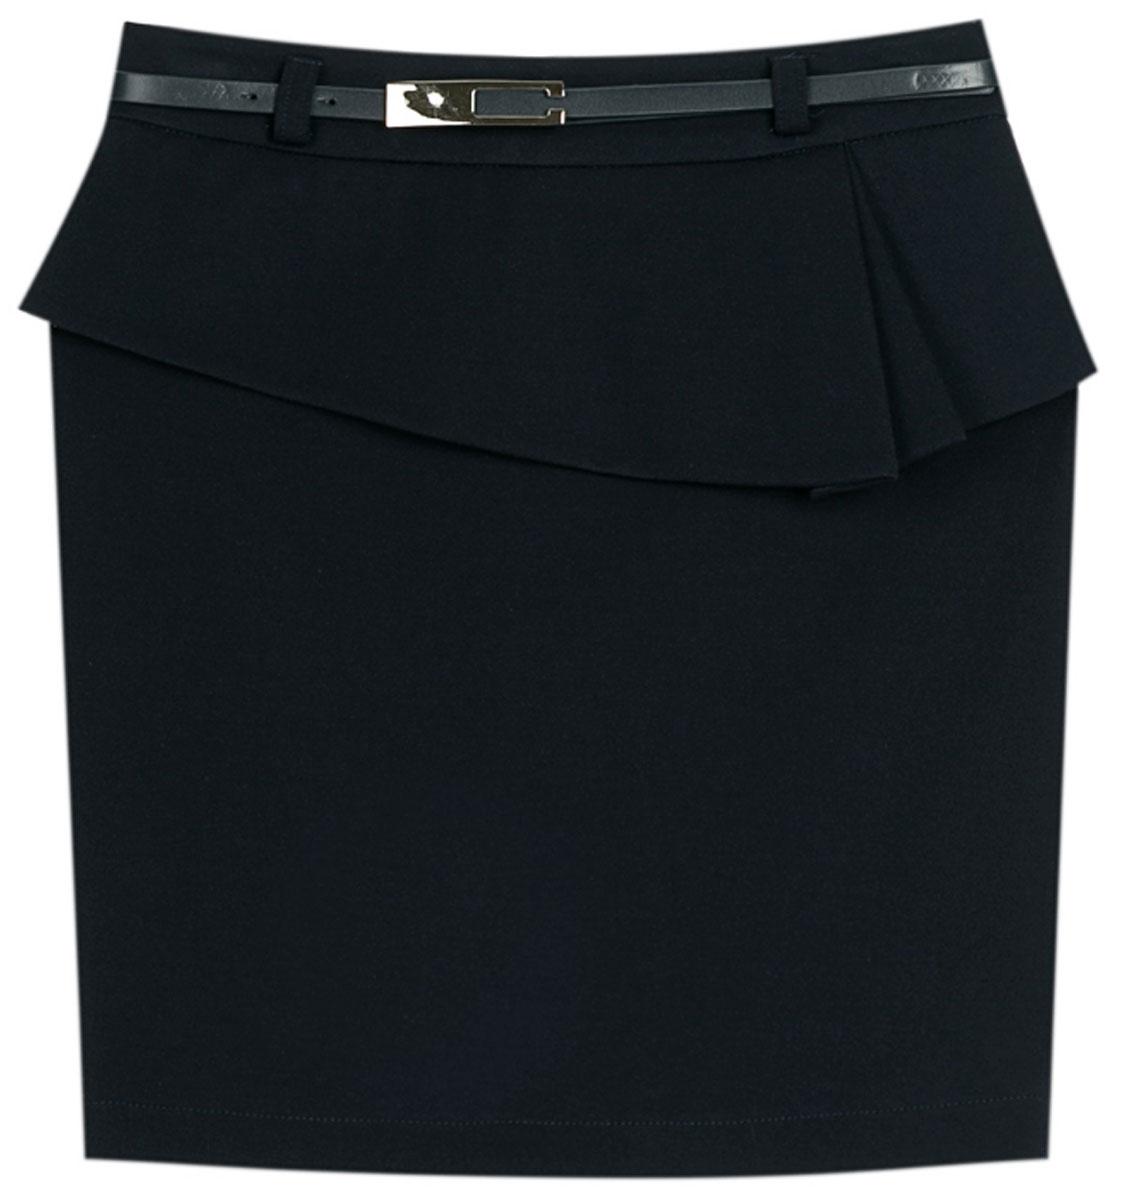 Юбка для девочек Vitacci, цвет: черный. 2173043L-03. Размер 1402173043L-03Классическая школьная блузка для девочки